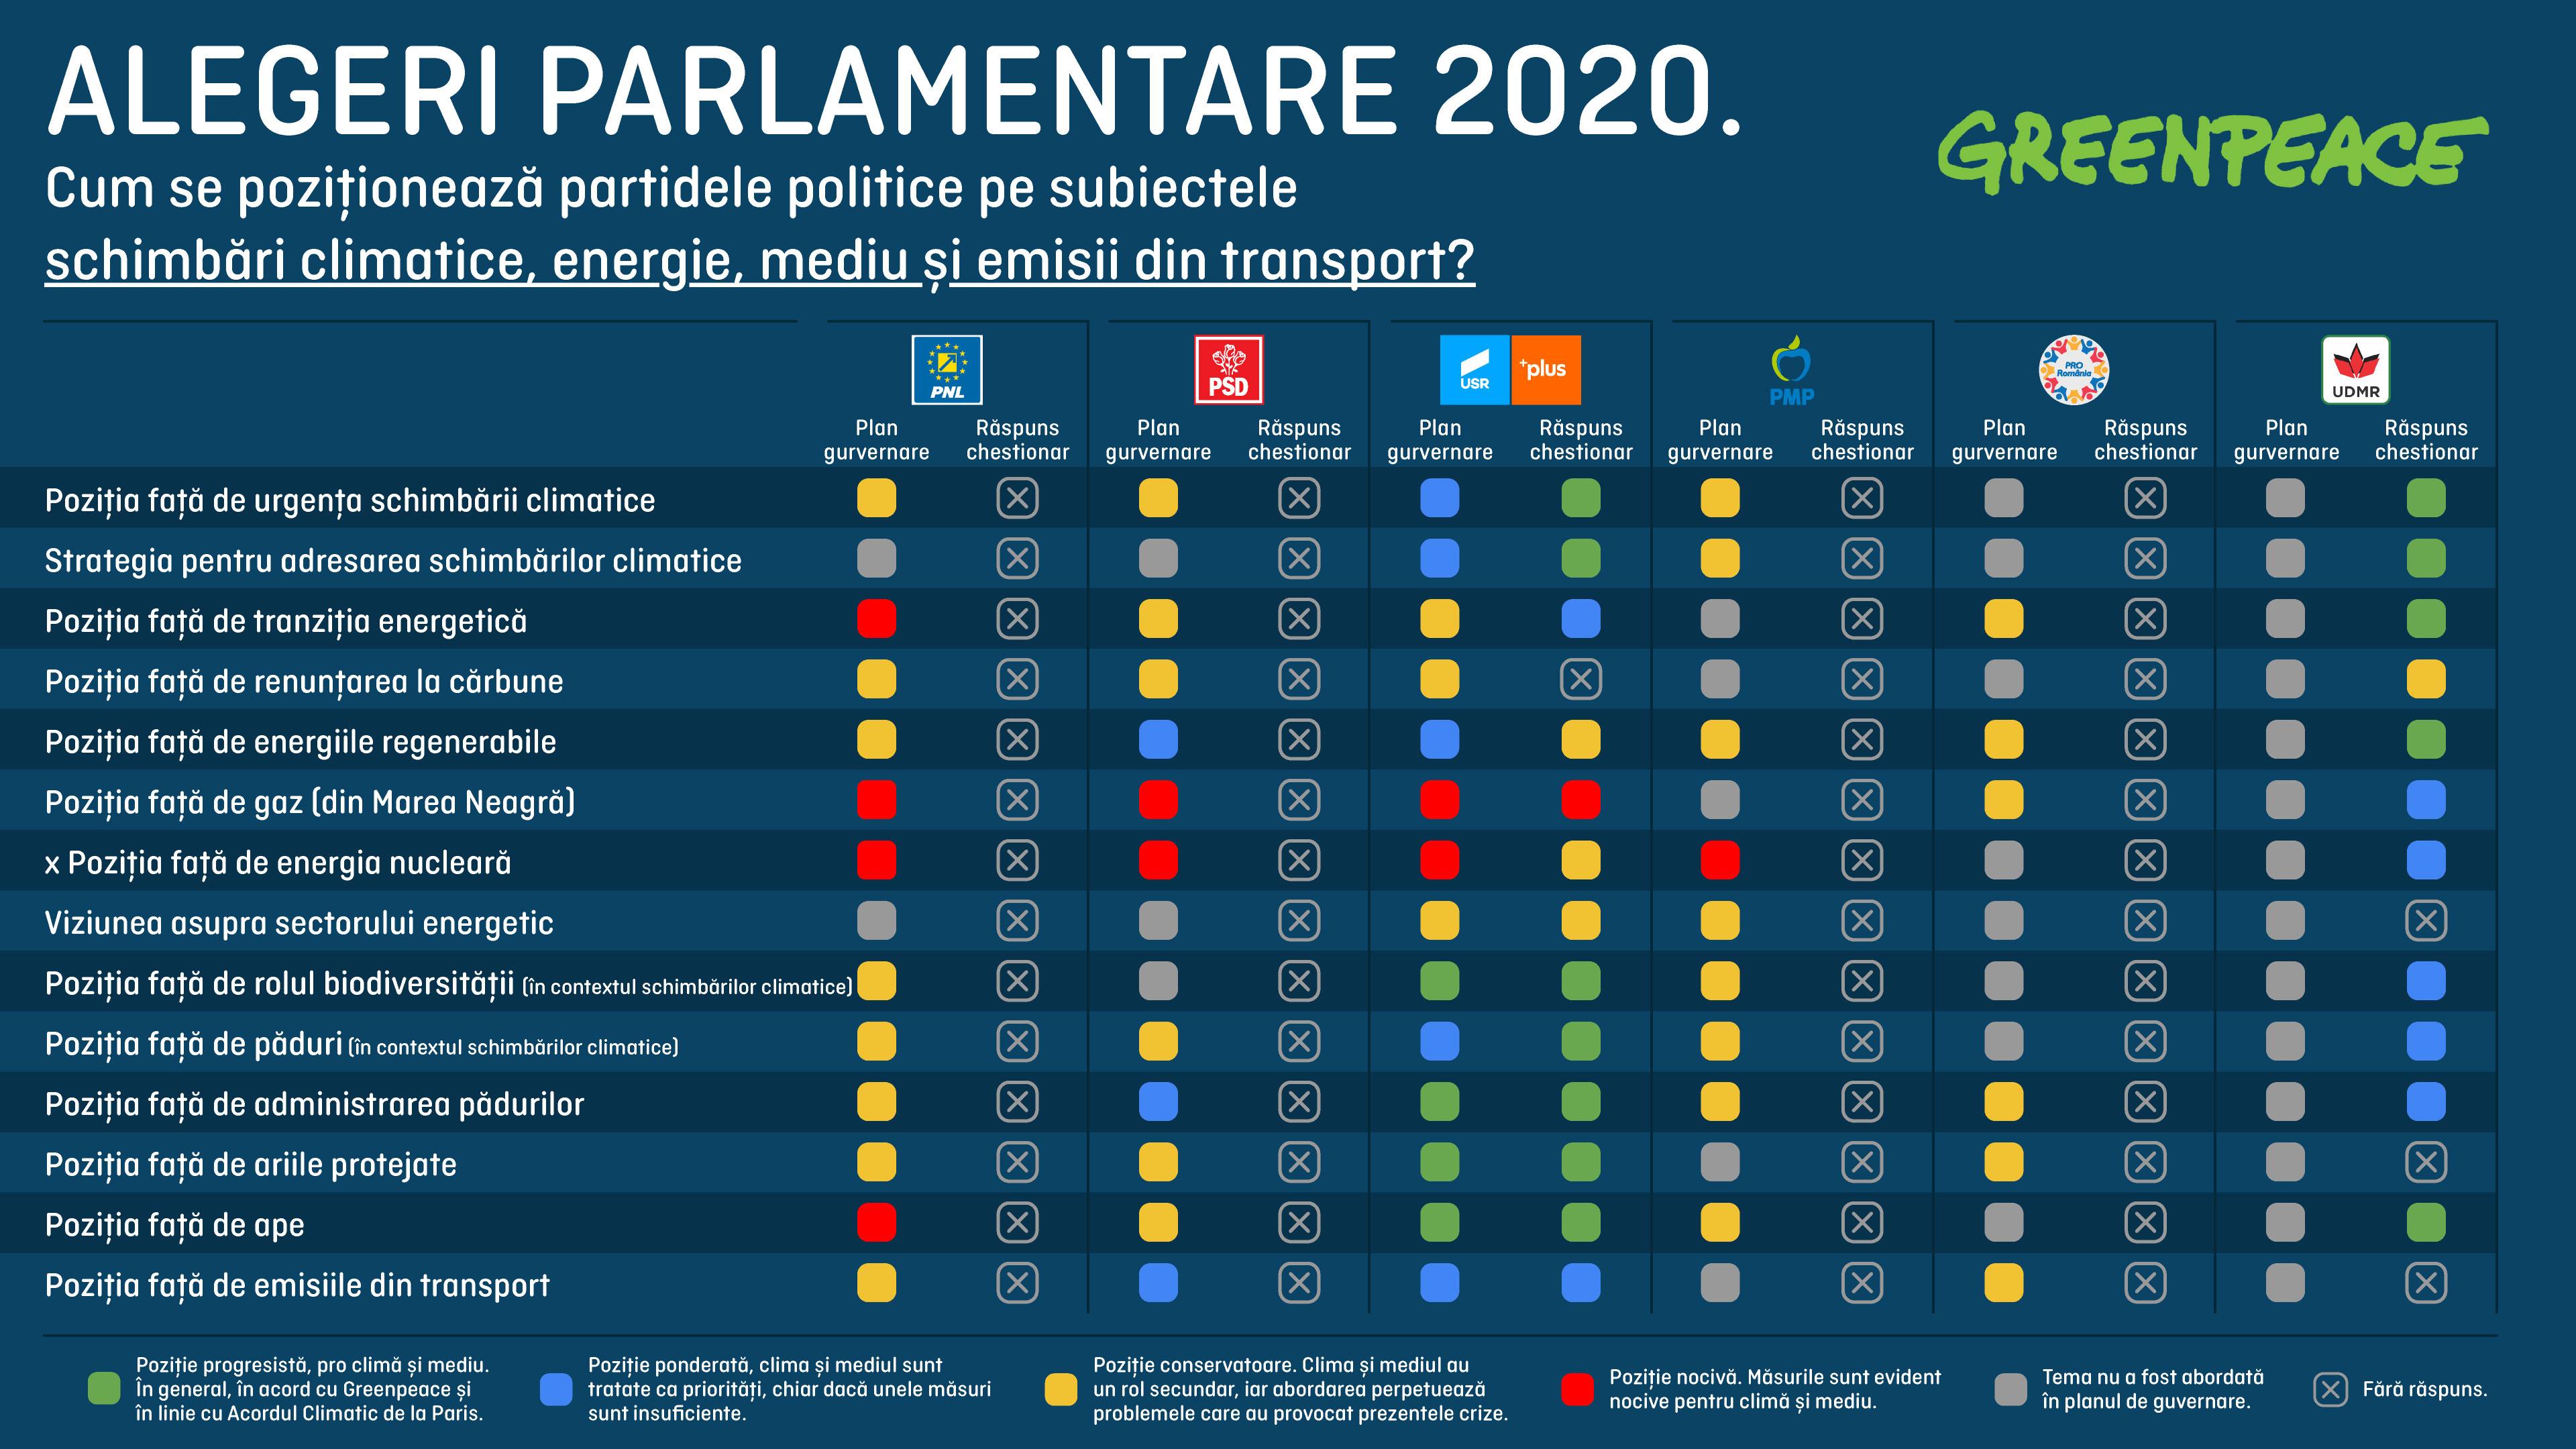 Viziunea partidelor asupra problemelor de mediu - analiză Greenpeace în contextul alegerilor parlamentare